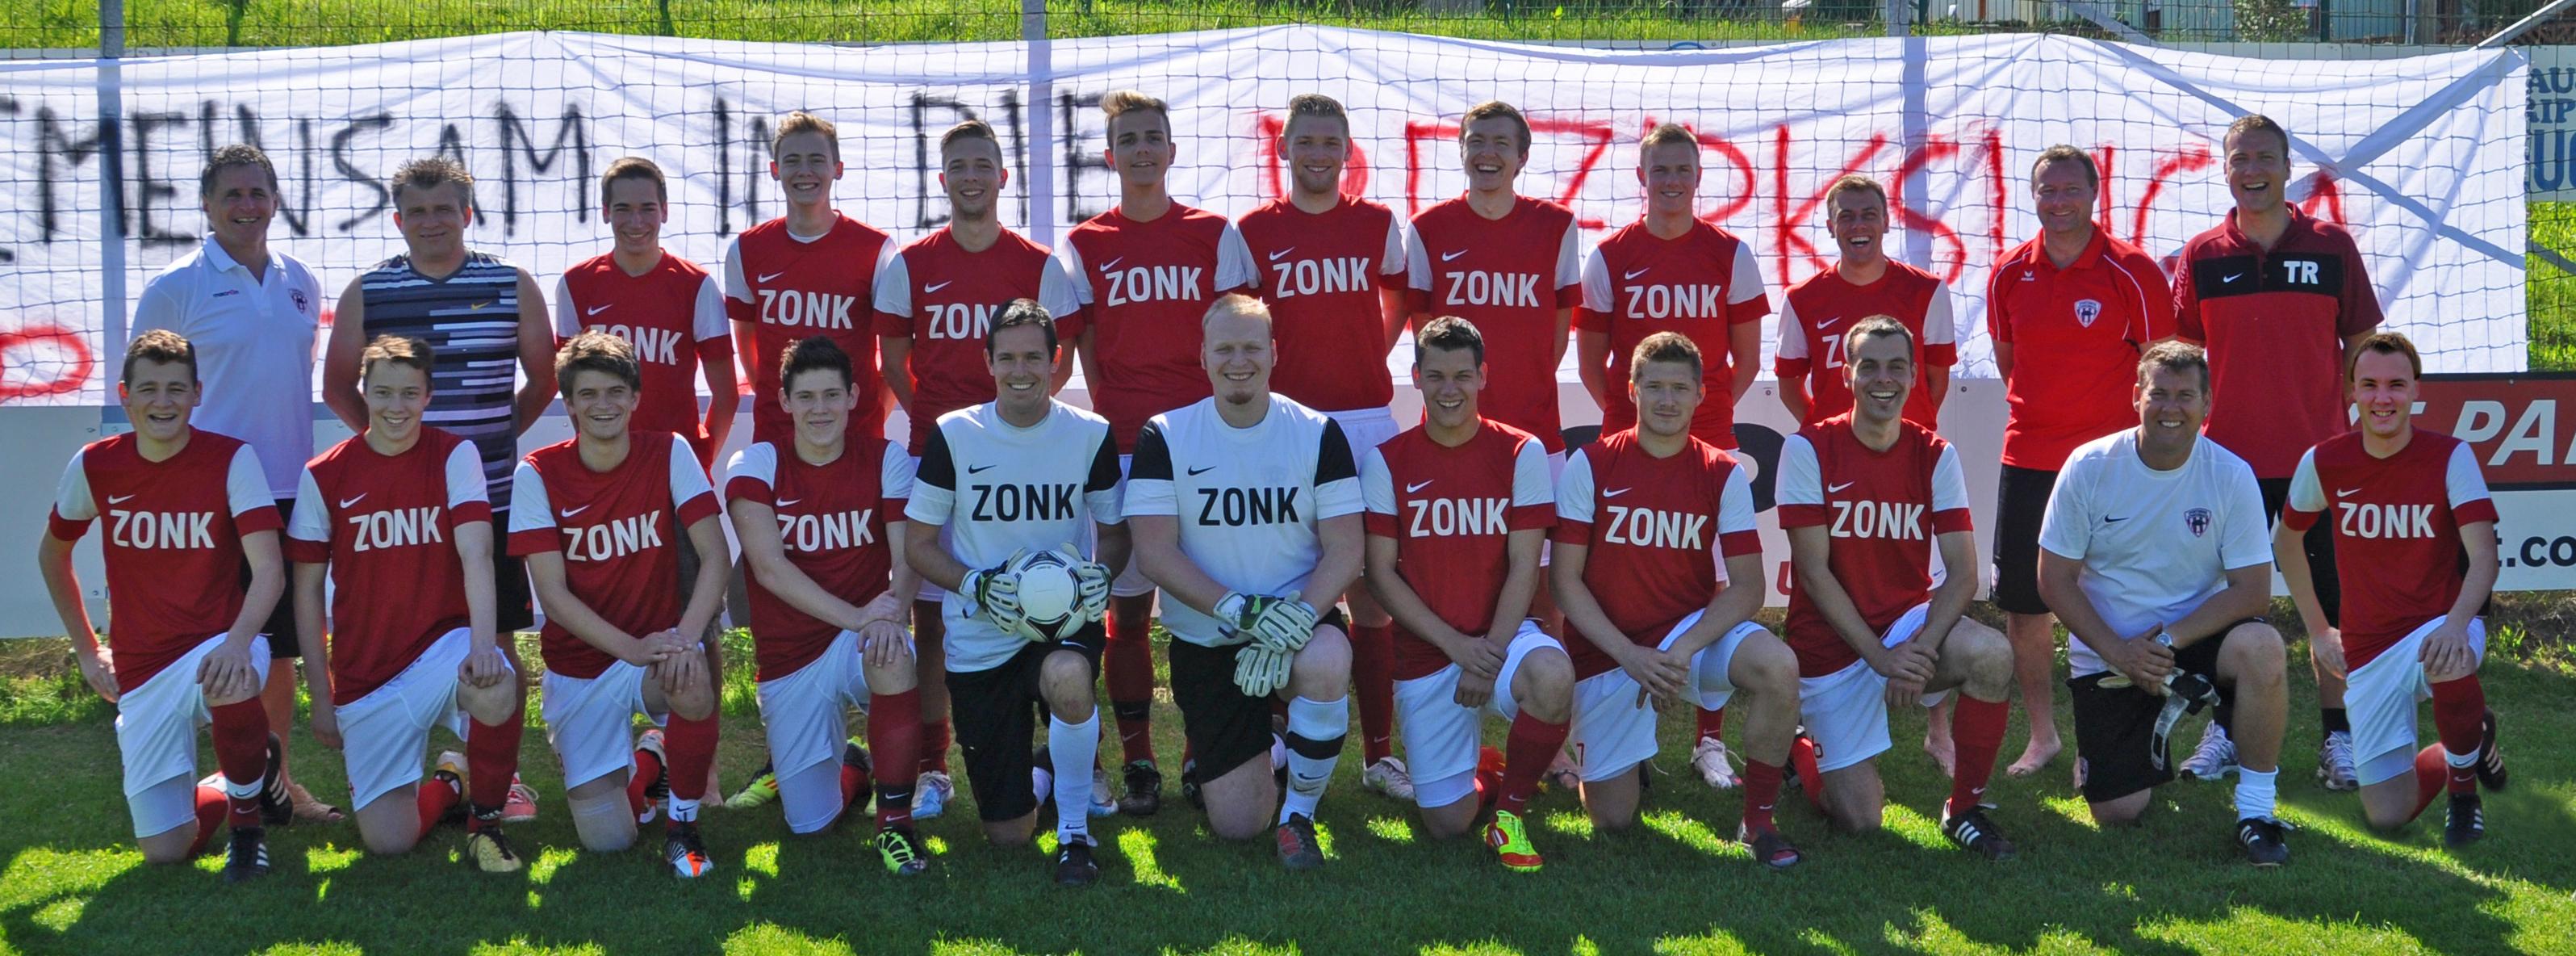 Meistermannschaft 2012